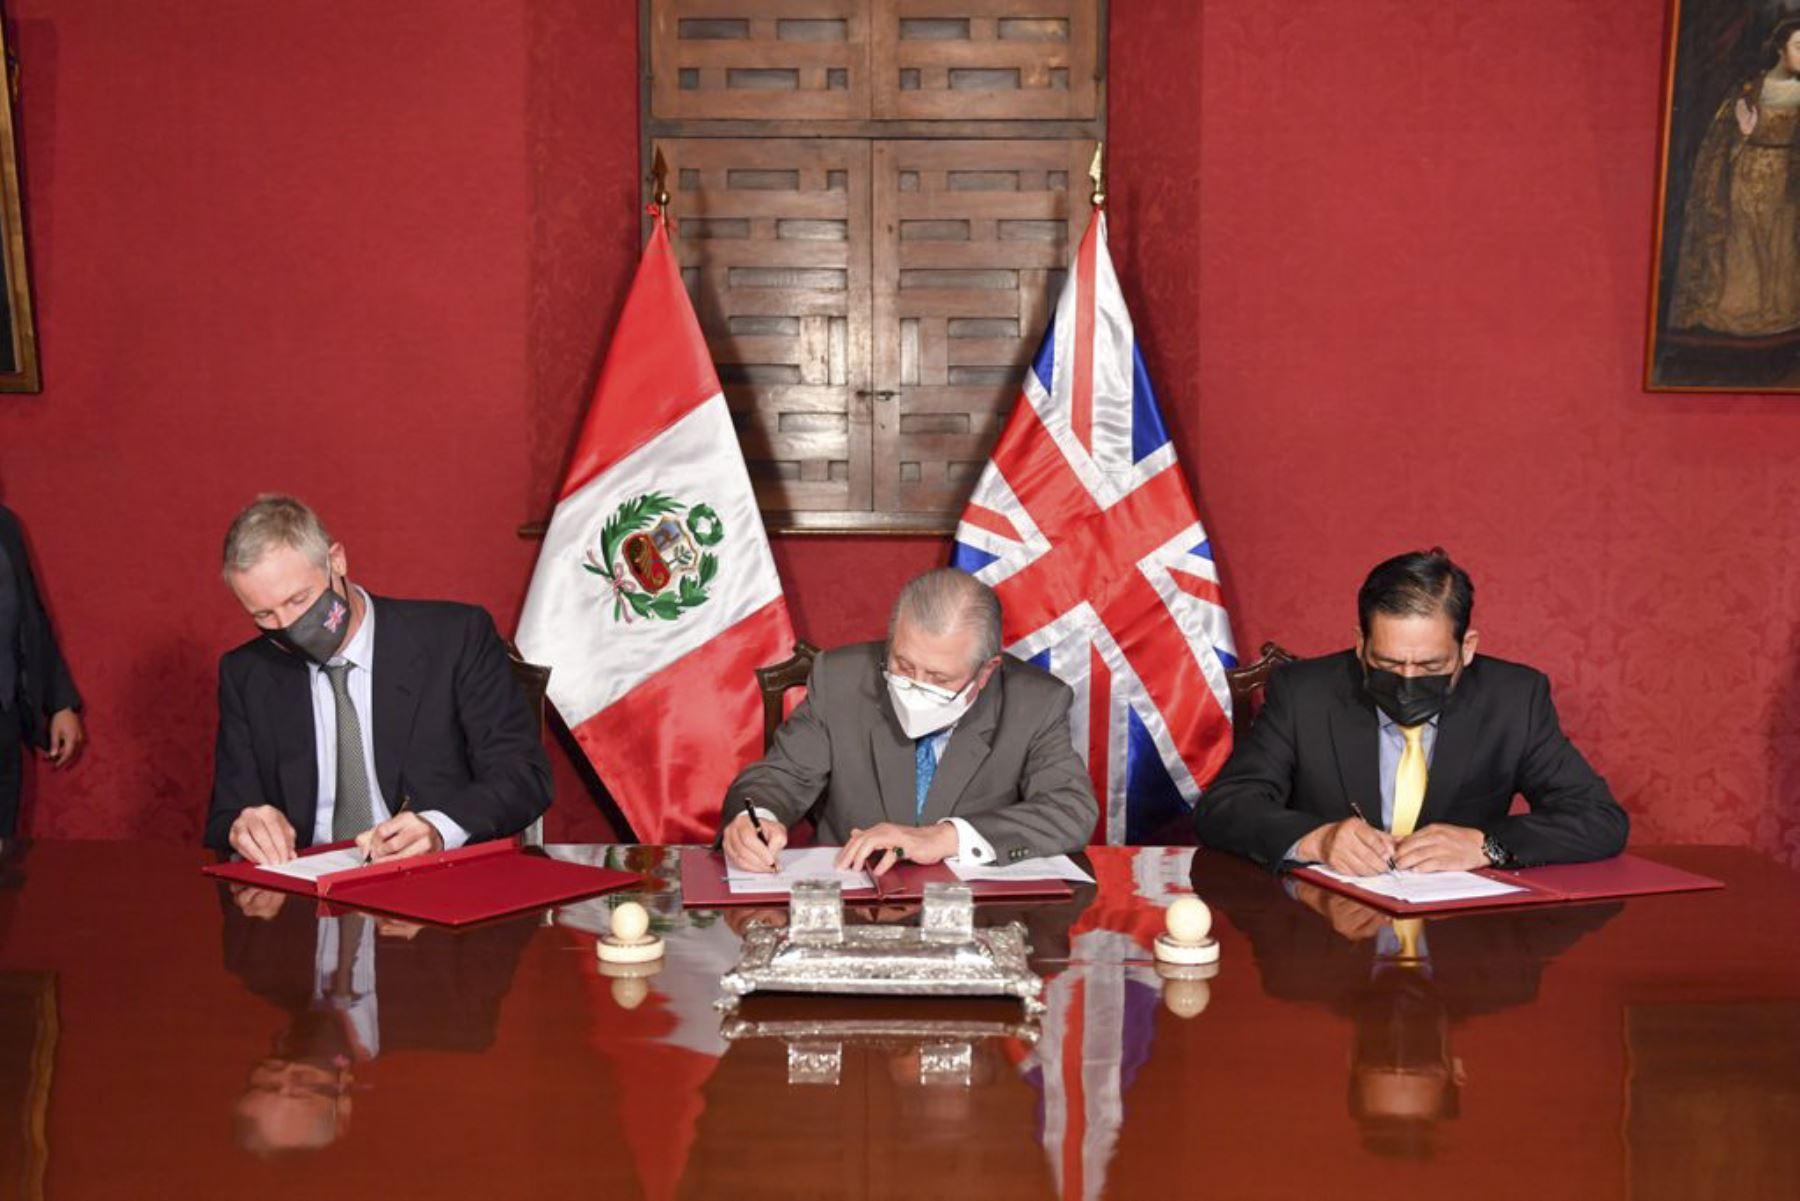 Perú y Reino Unido refuerzan sus lazos de cooperación y acuerdan próximo financiamiento